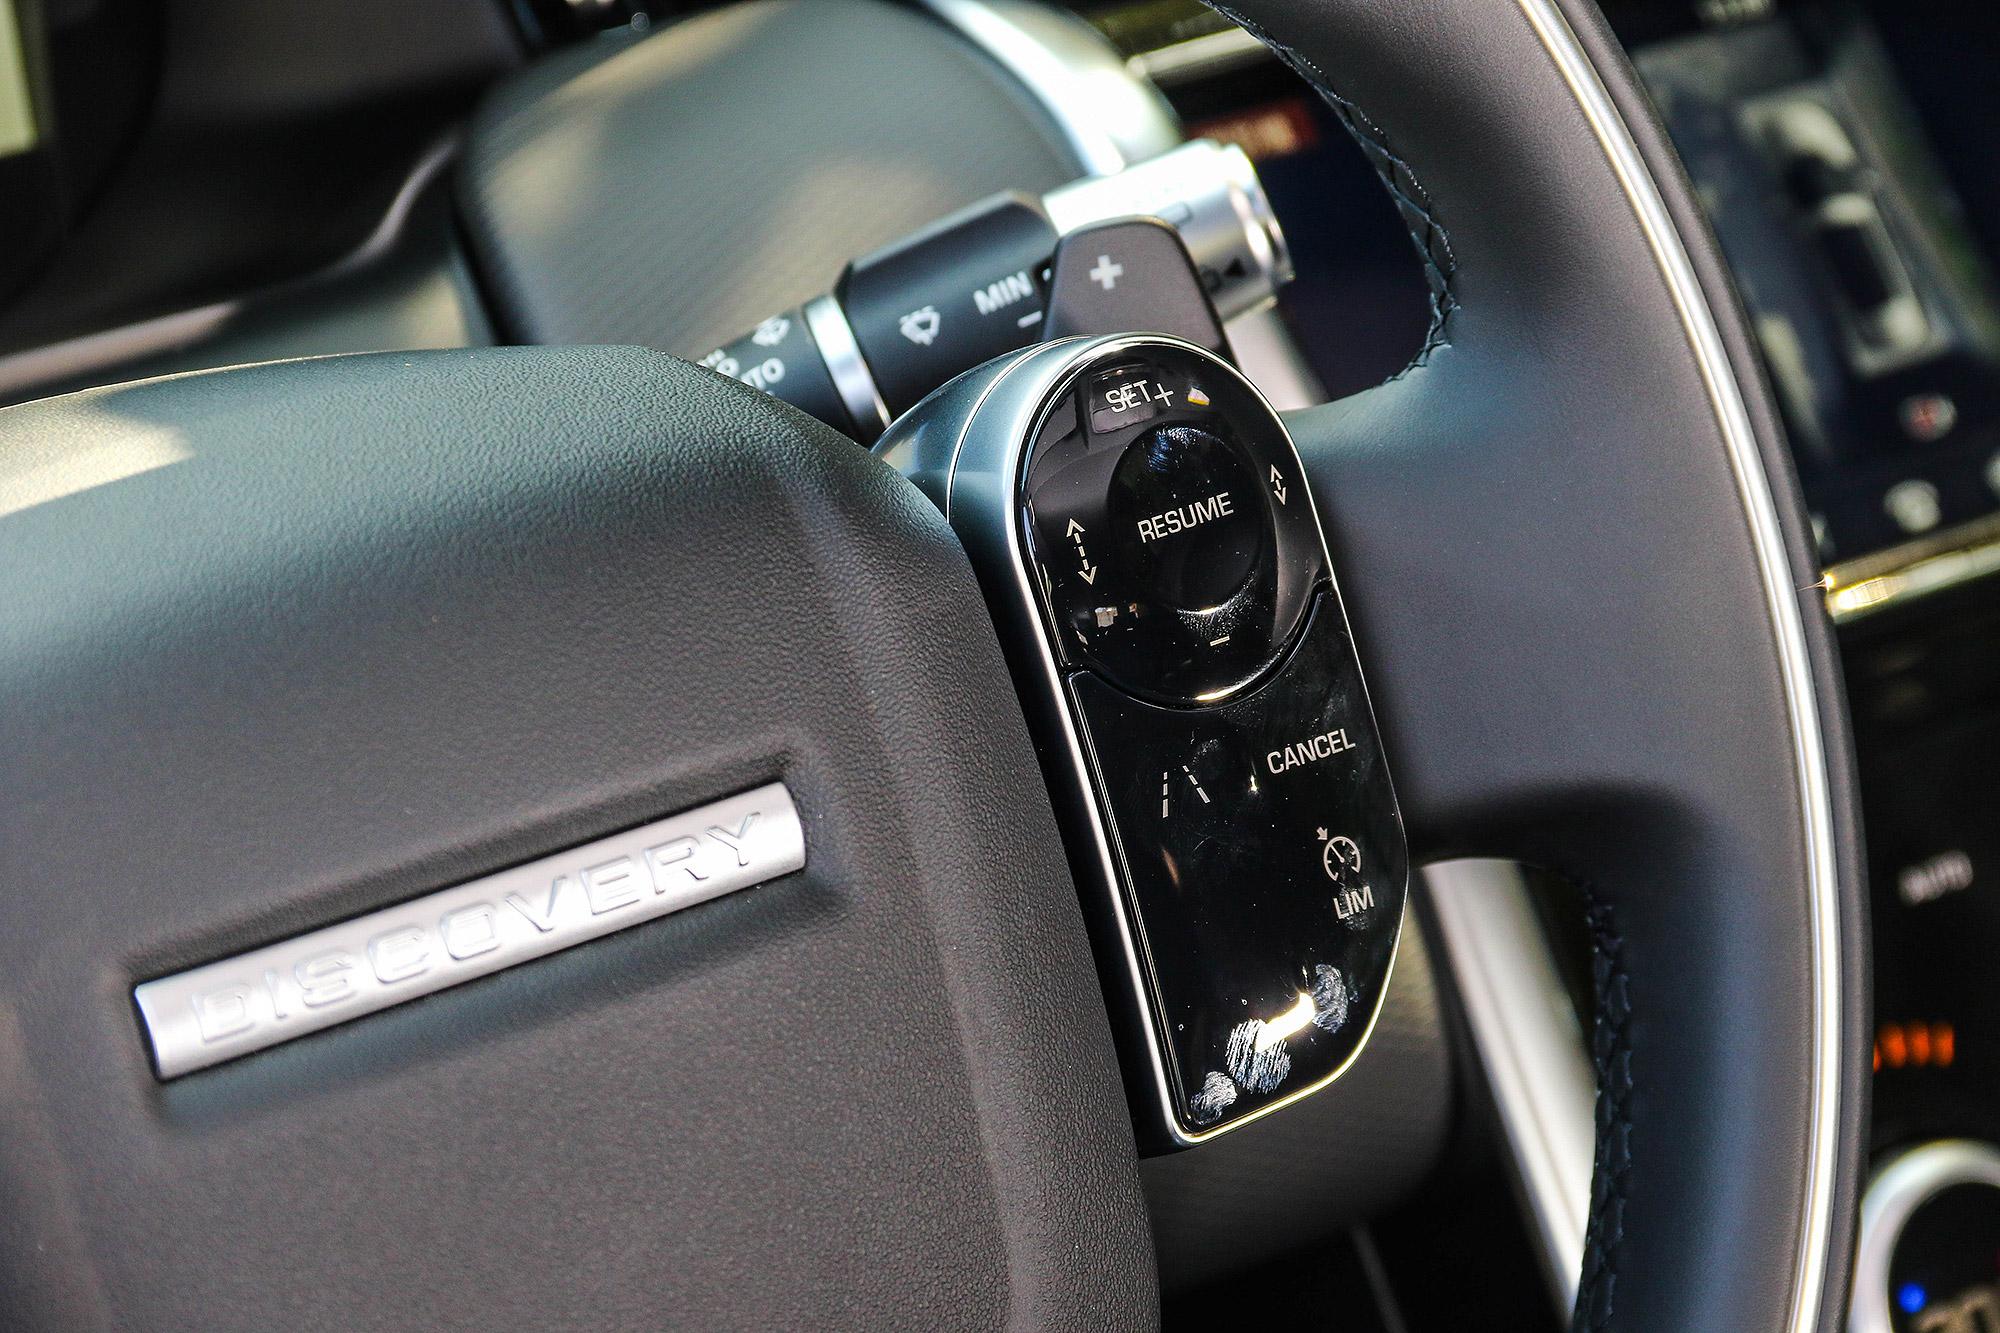 多功能按鈕具有電容式感應控制功能。